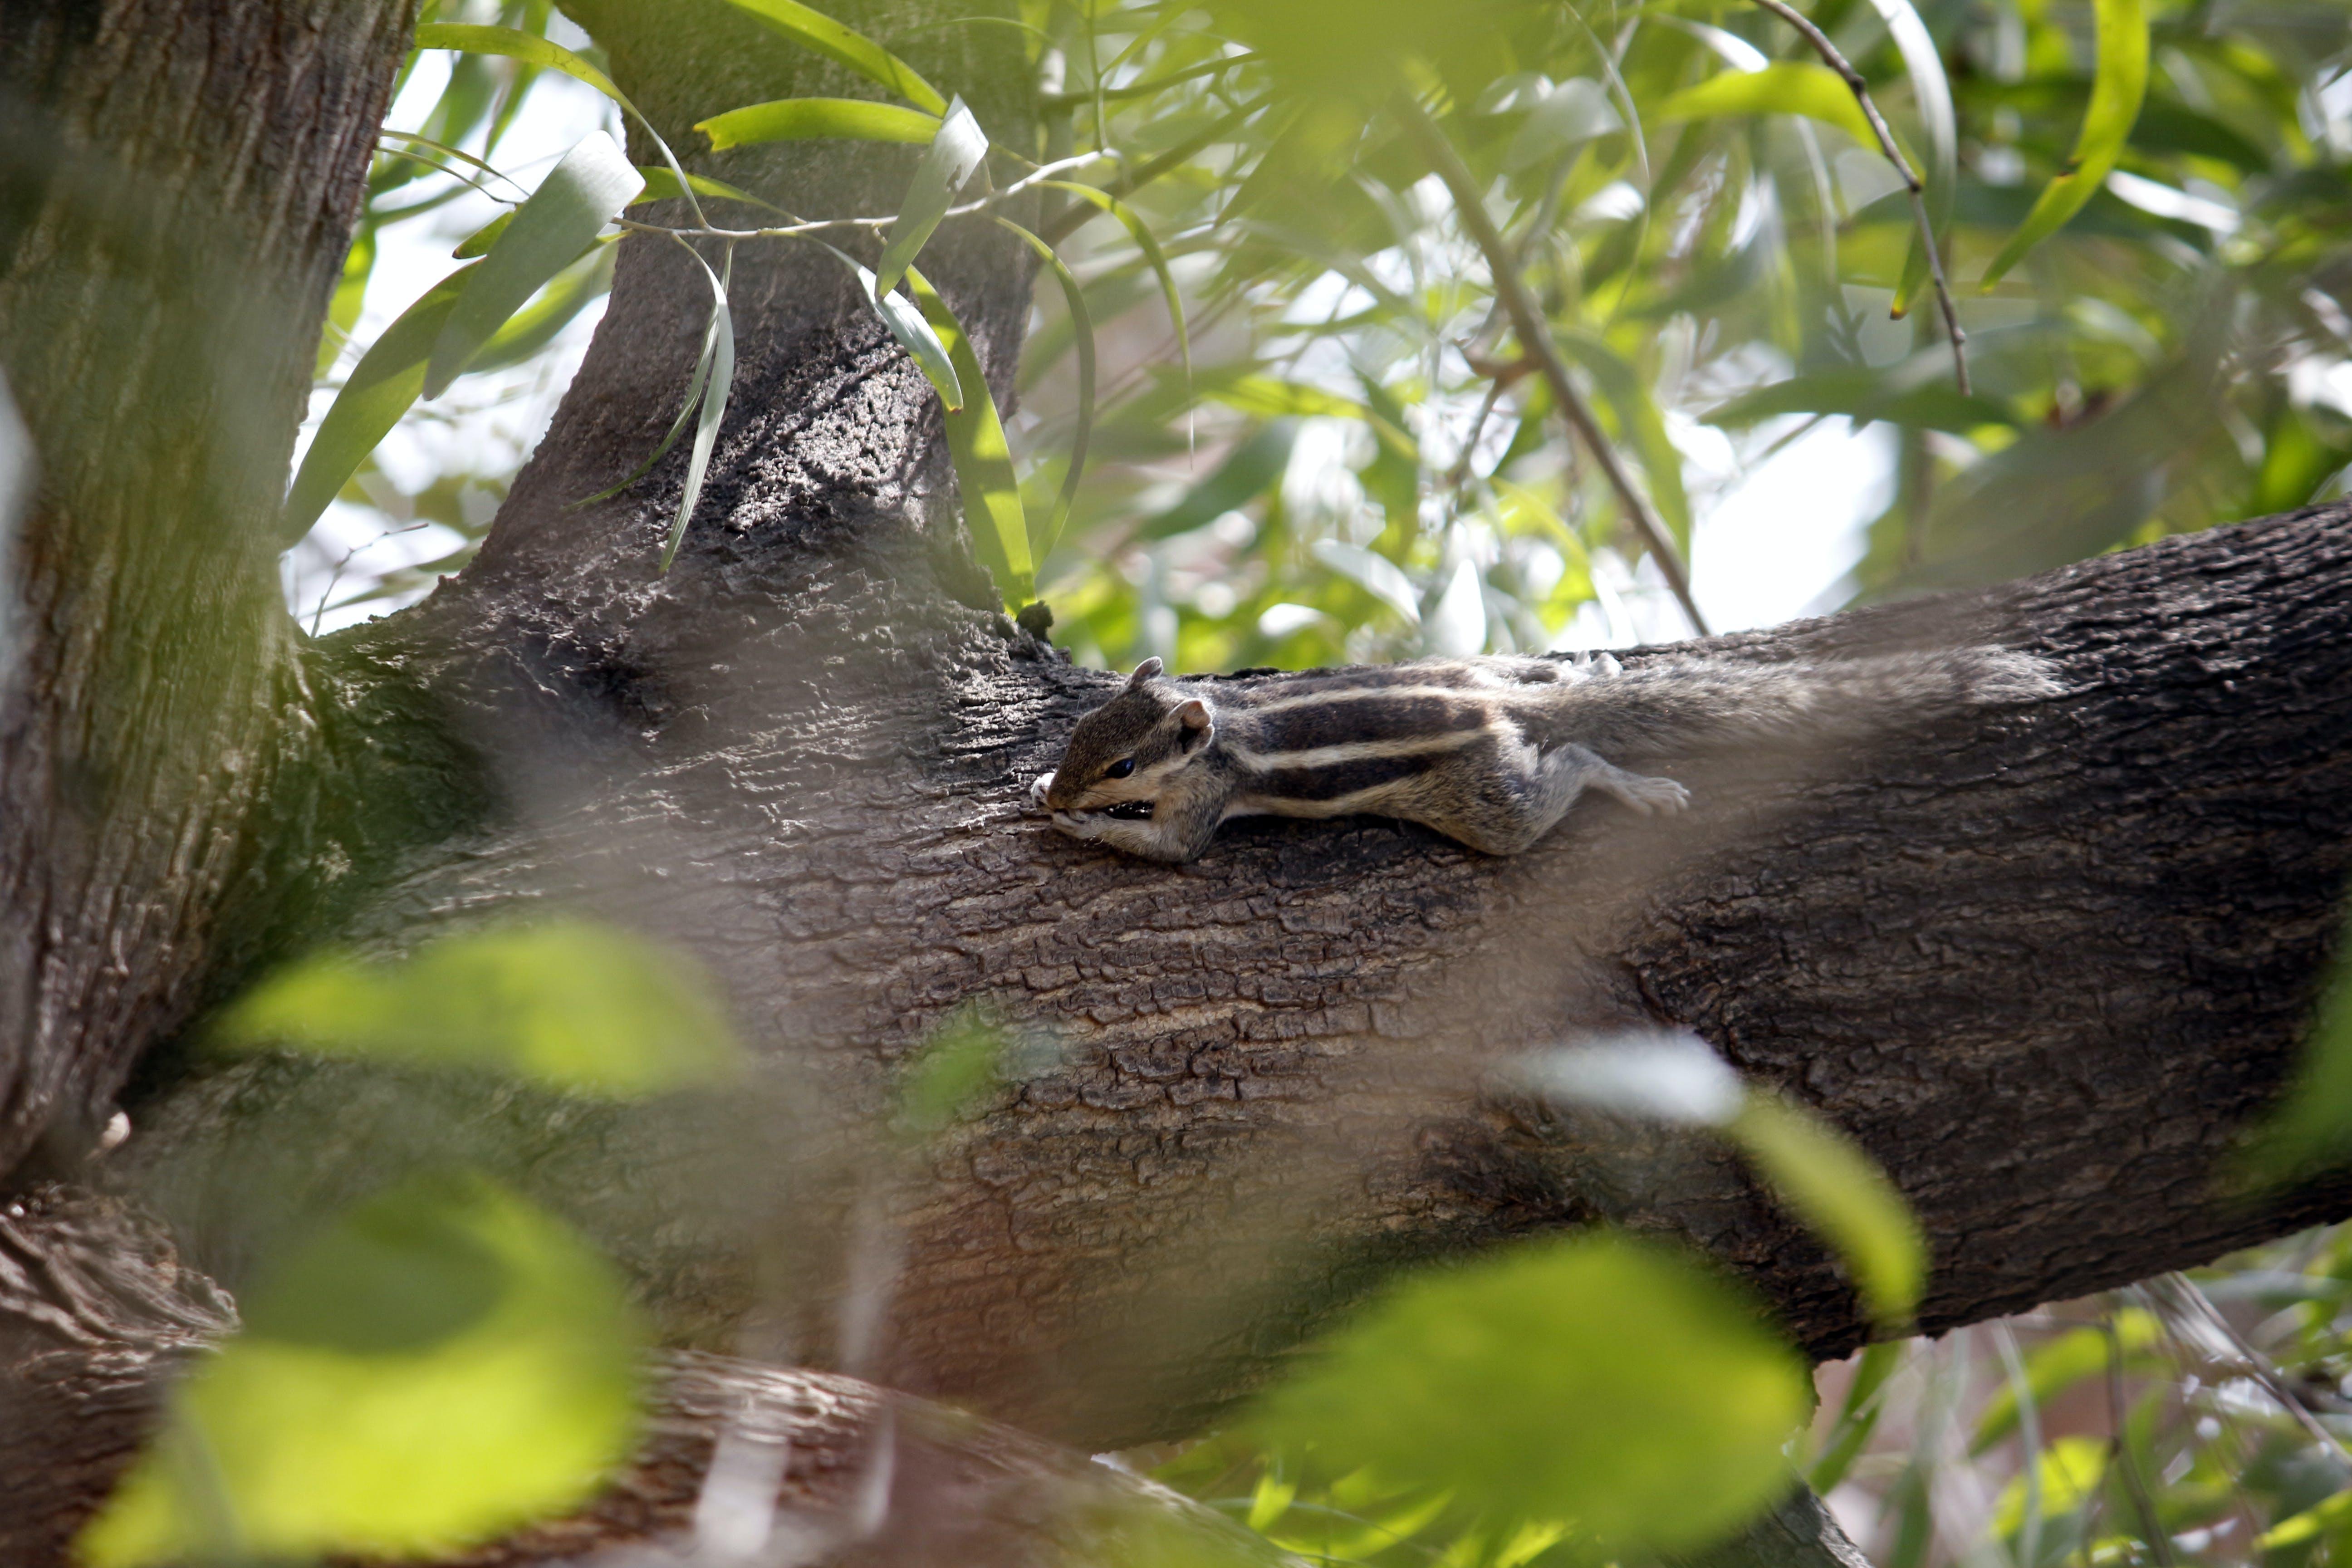 Δωρεάν στοκ φωτογραφιών με άγρια φύση, άγριος, δέντρο, διατήρηση